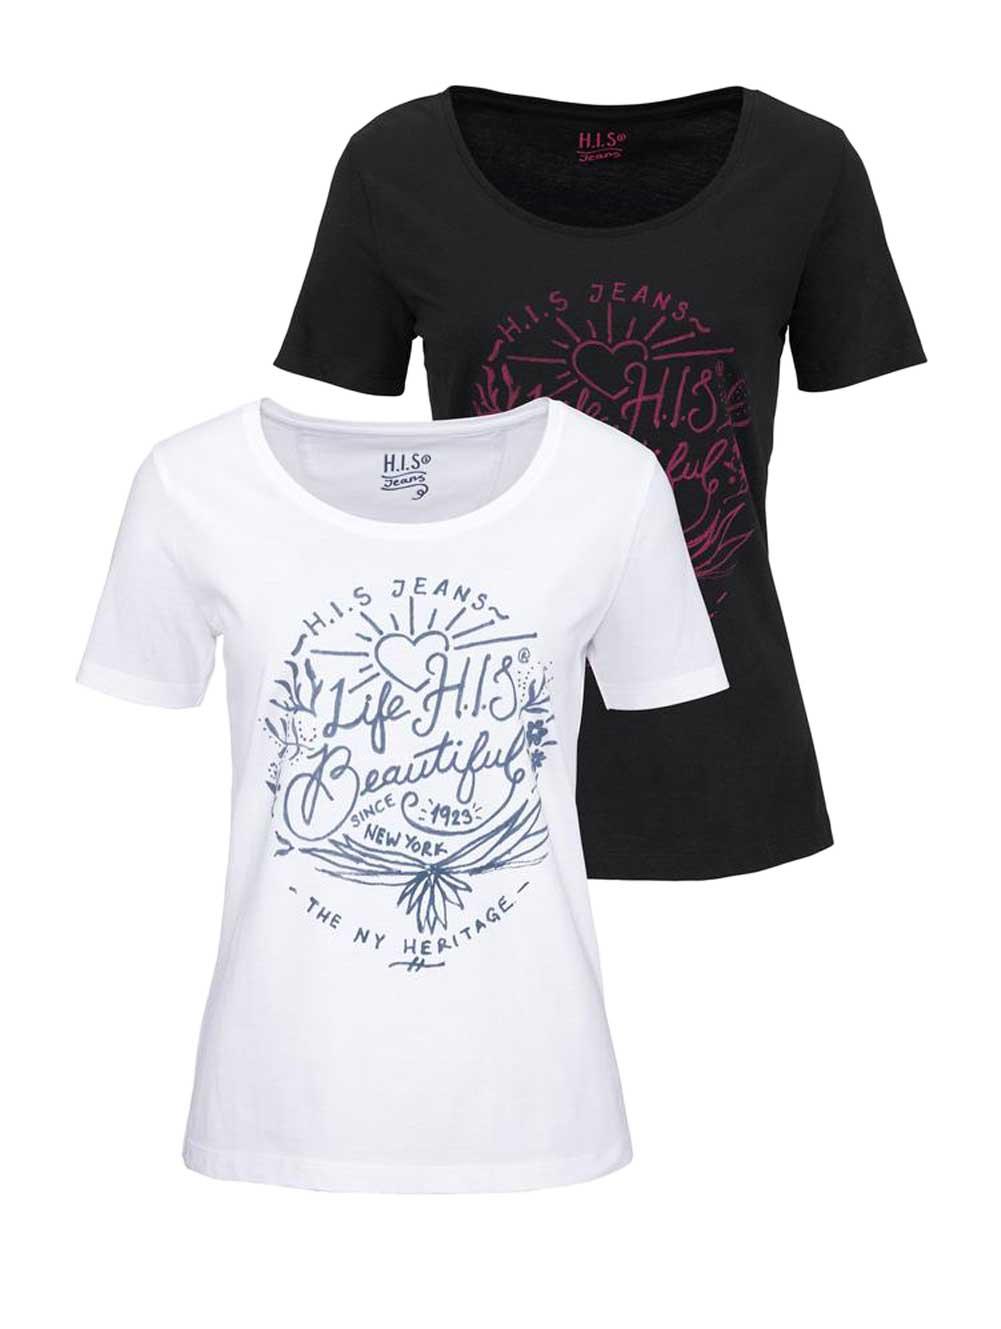 568.187 H.I.S. Damen-Shirtset-2tlg Schwarz-Weiß